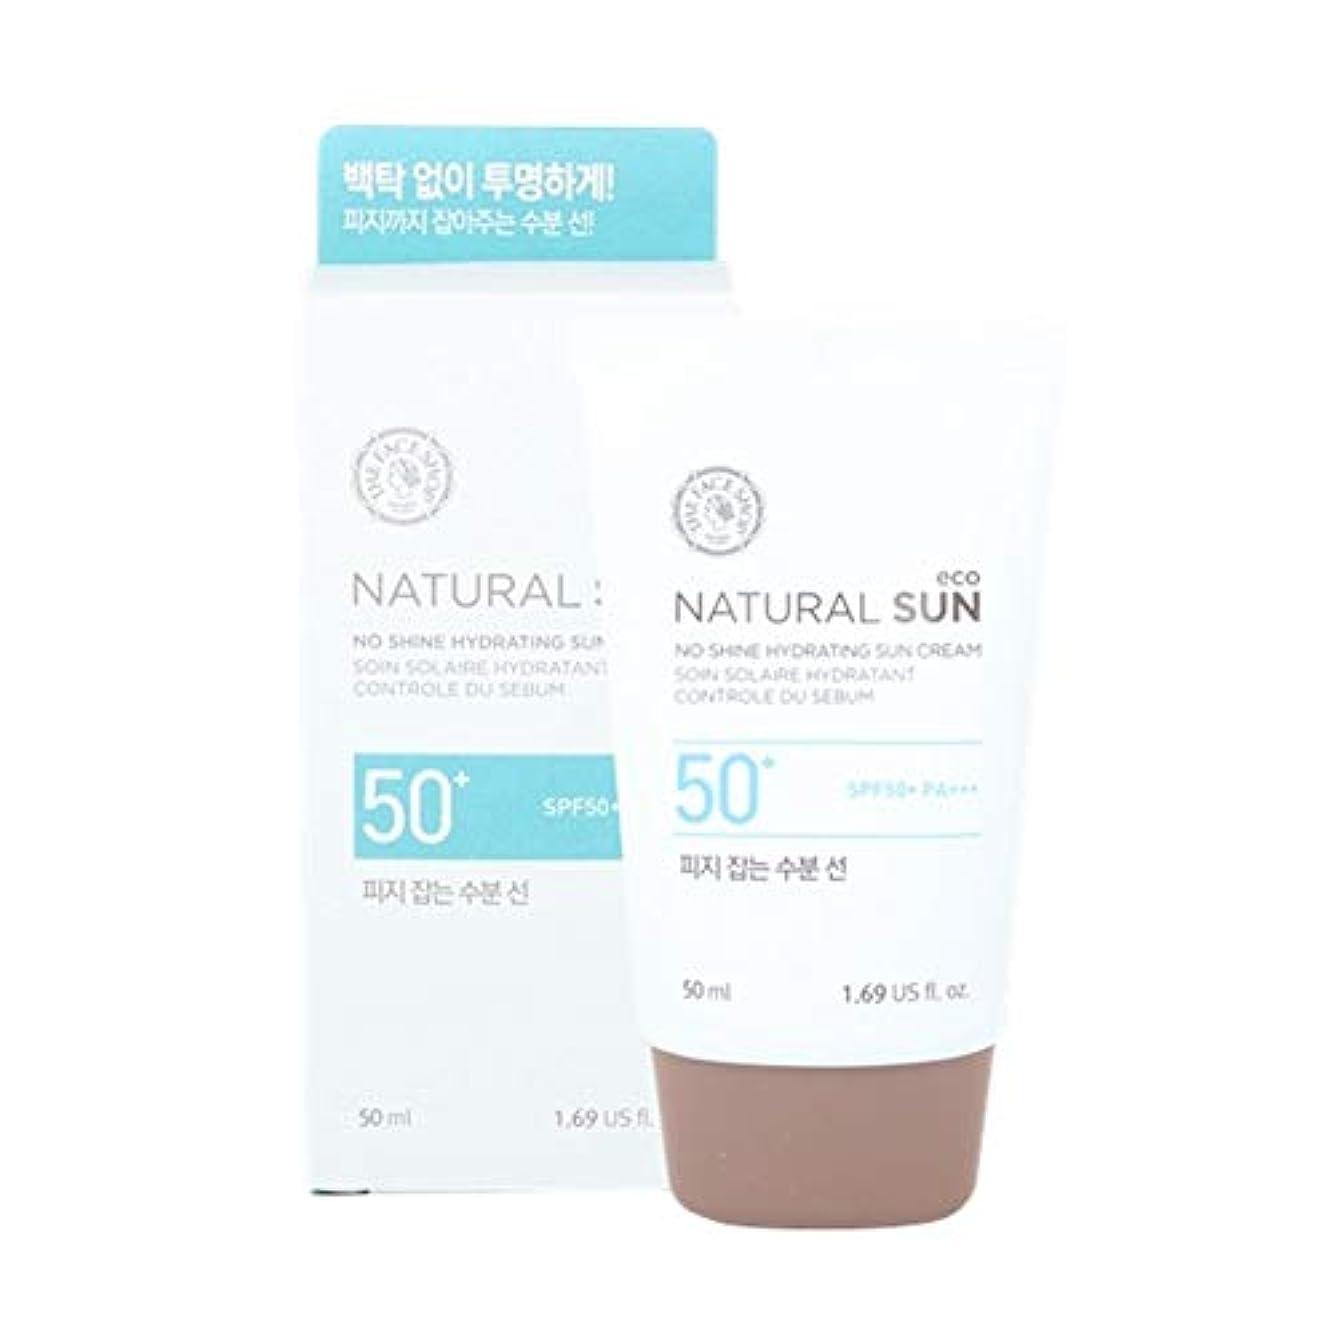 笑い料理をする一元化するザ?フェイスショップネチュロルソンエコフィジーサン?クリームSPF50+PA+++50ml x 2本セット韓国コスメ、The Face Shop Natural Sun Eco No Shine Hydrating Sun...